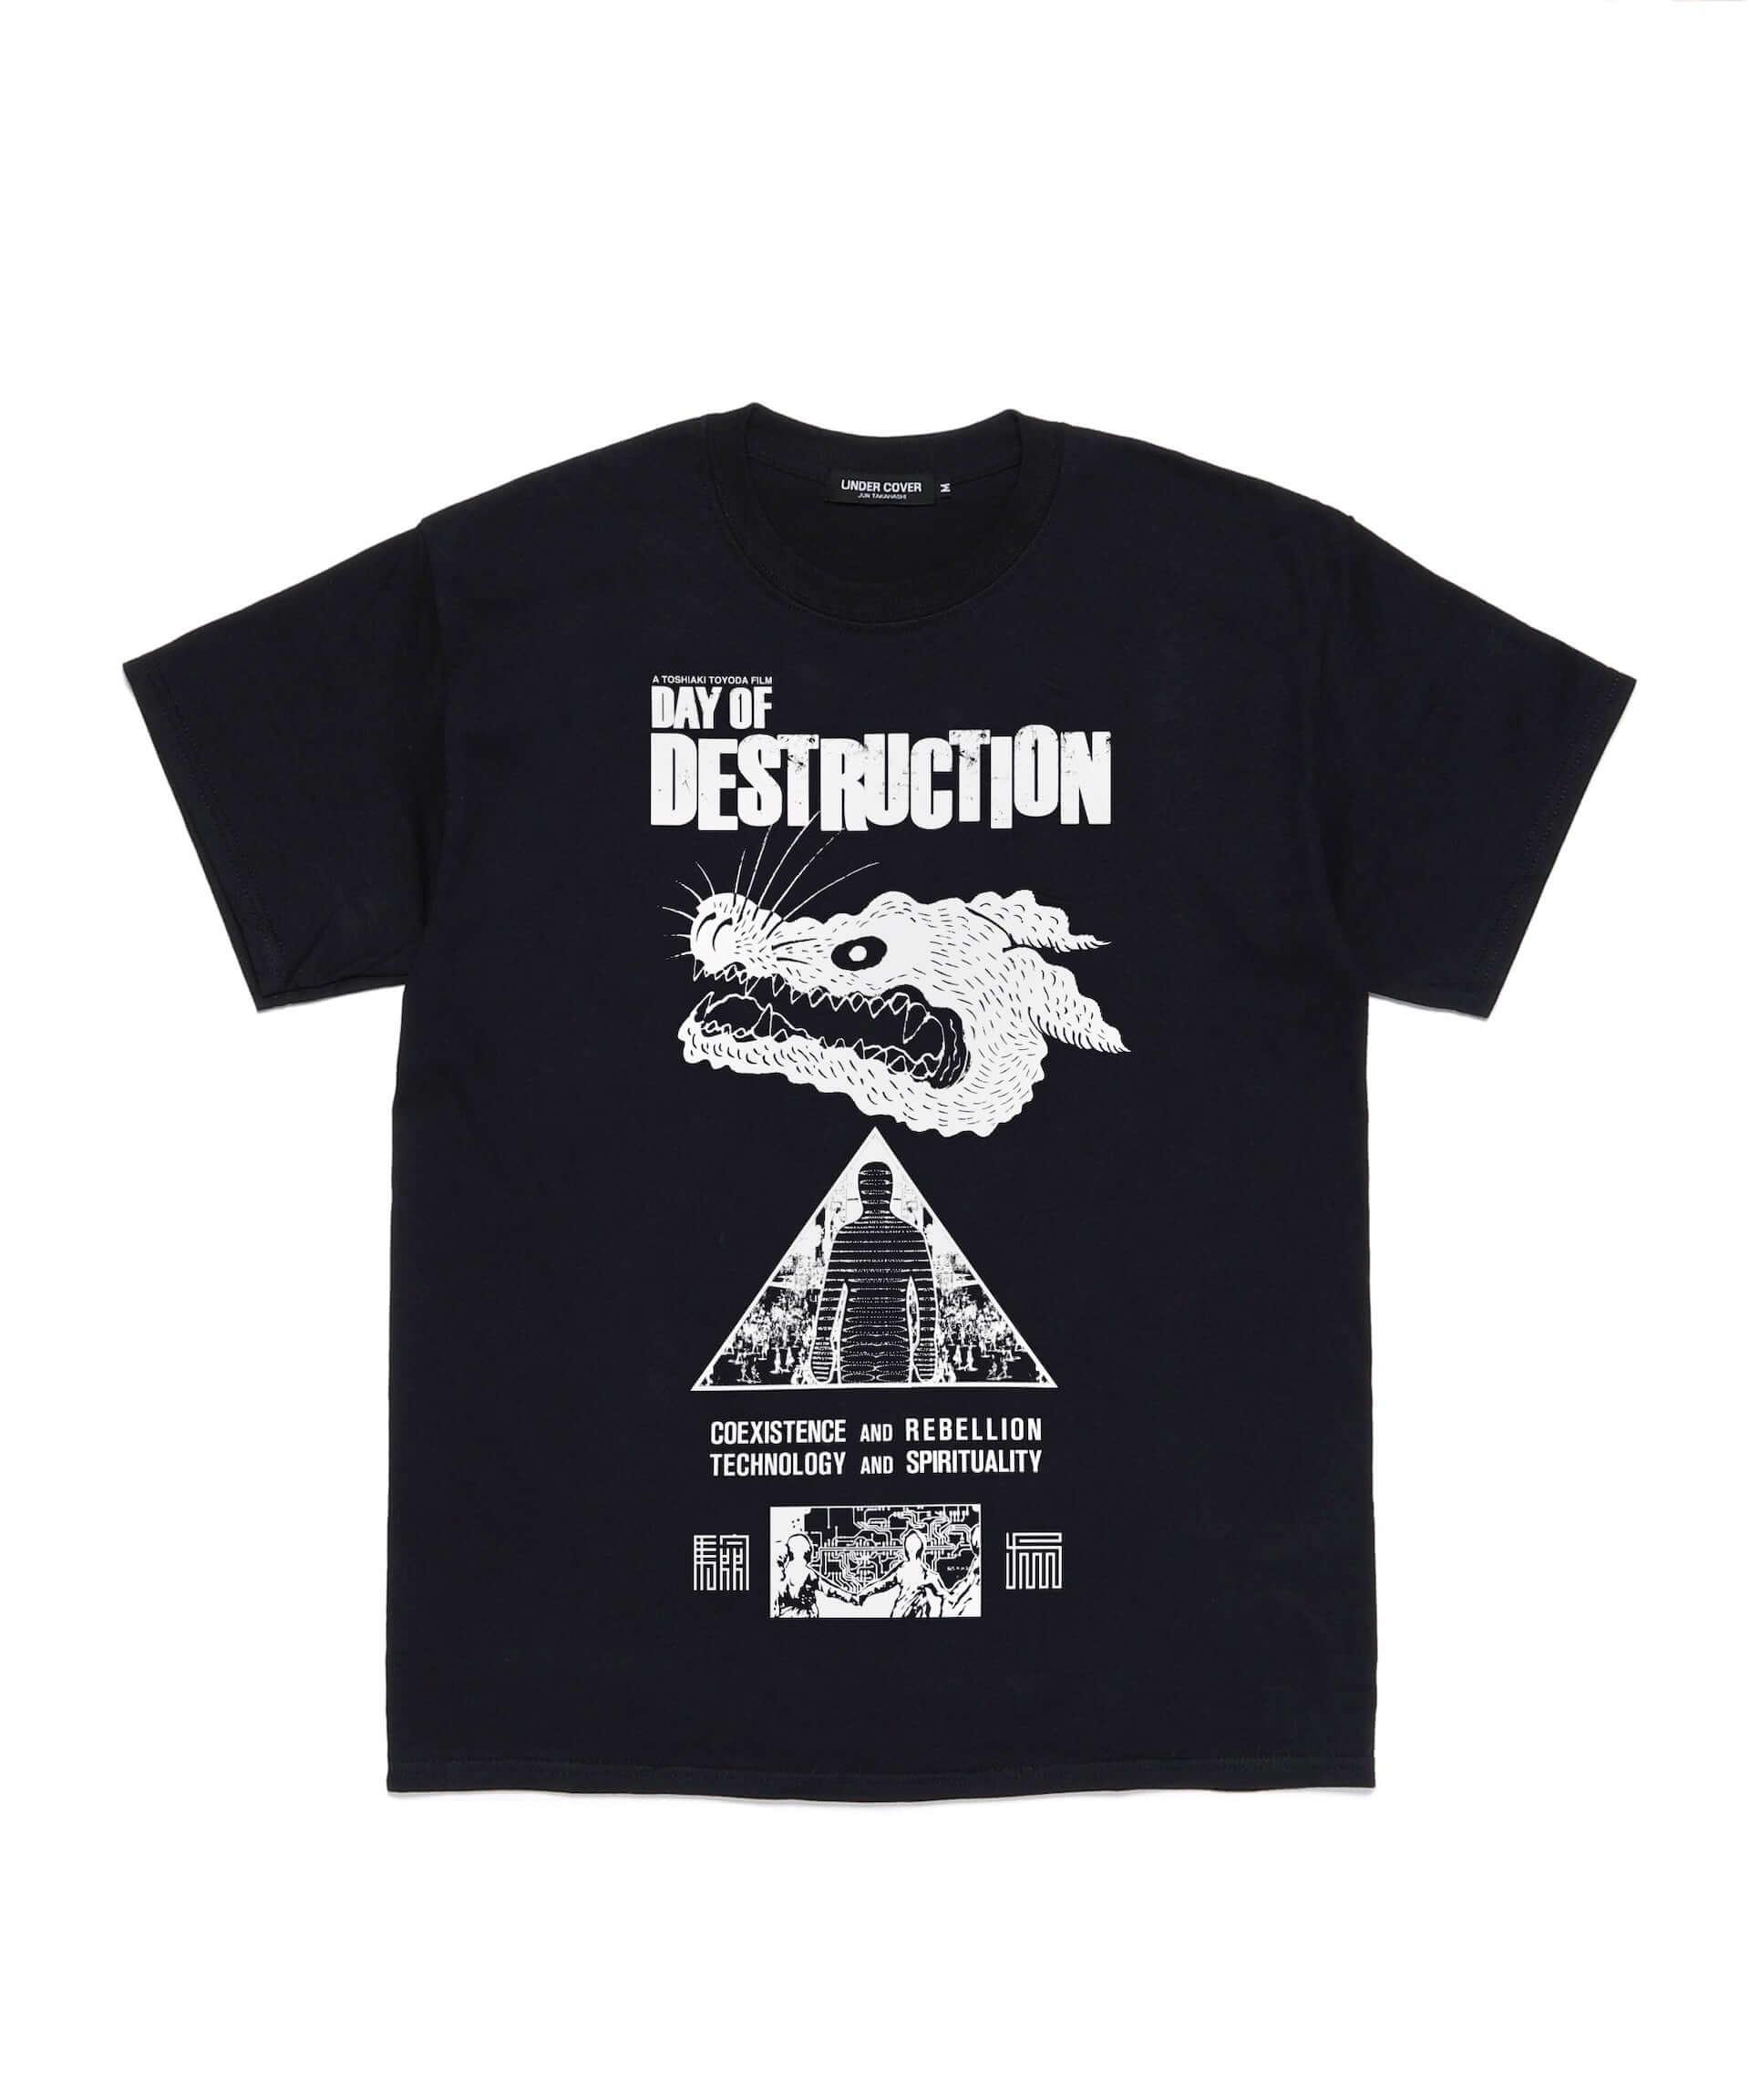 松田龍平、GEZANマヒトら出演映画『破壊の日』とUNDERCOVERのコラボTシャツが発売決定!収益は映画製作支援に lifefashion_hakainohi_4-1920x2304